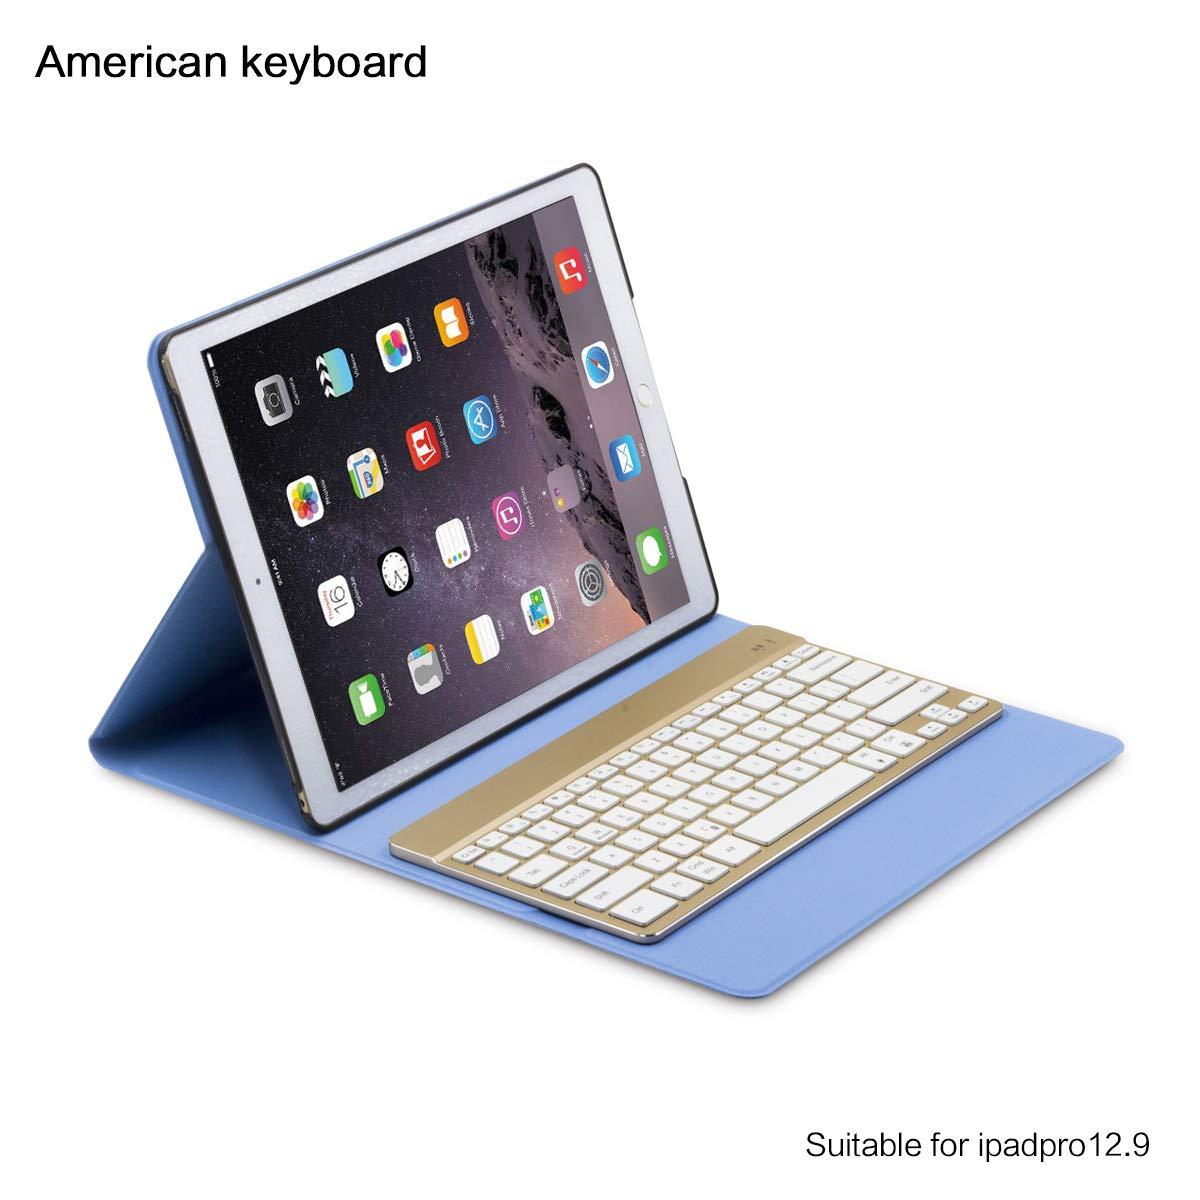 【在庫あり】 Scheam B07L6WSYGJ iPad Pro 12.9シェル ゴールデンバックシェルカバー VRJE-LJ-369 クールなバックカバー, VRJE-LJ-369 Scheam スカイブルー B07L6WSYGJ, JSBCスノータウン:a840ddf2 --- a0267596.xsph.ru